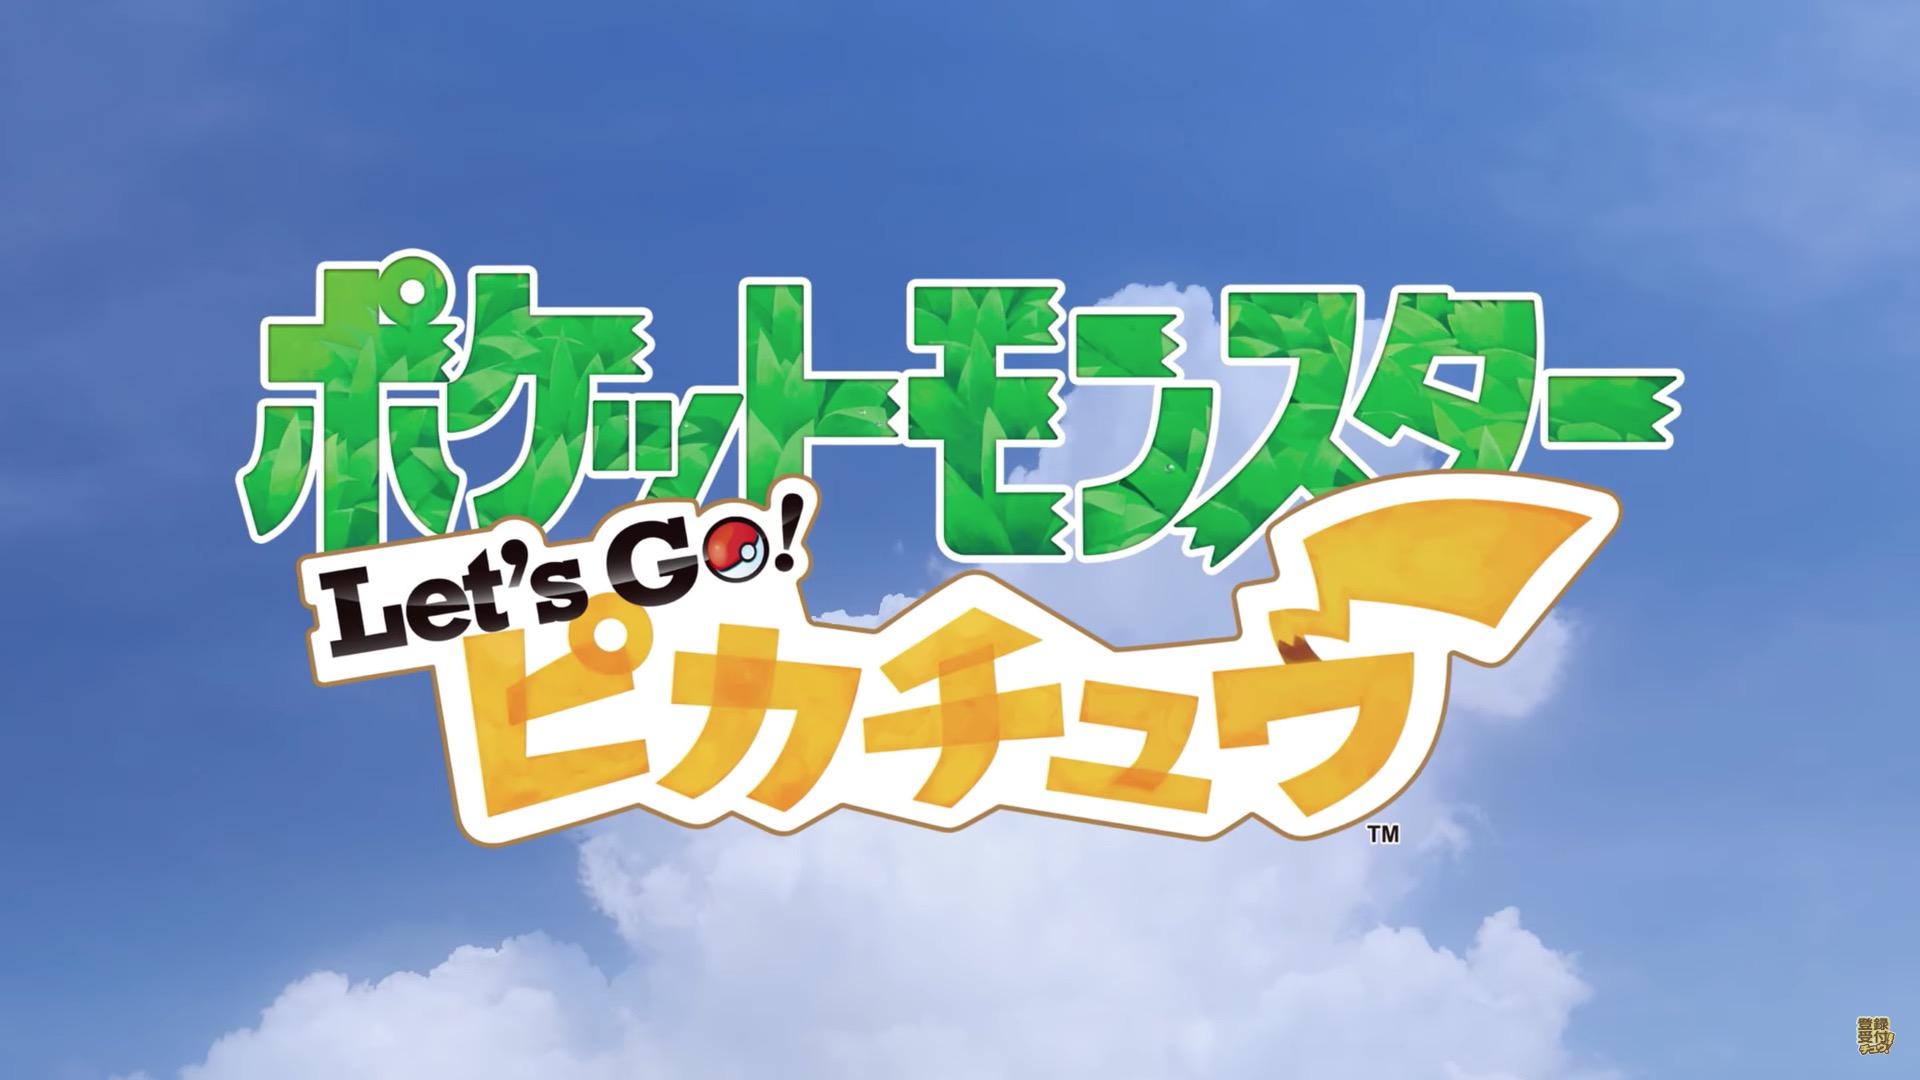 ポケモン新作、スイッチ版「ポケットモンスター Let's GO! ピカチュウ/イーブイ」が11月発売。ポケモンGOとの連携要素も